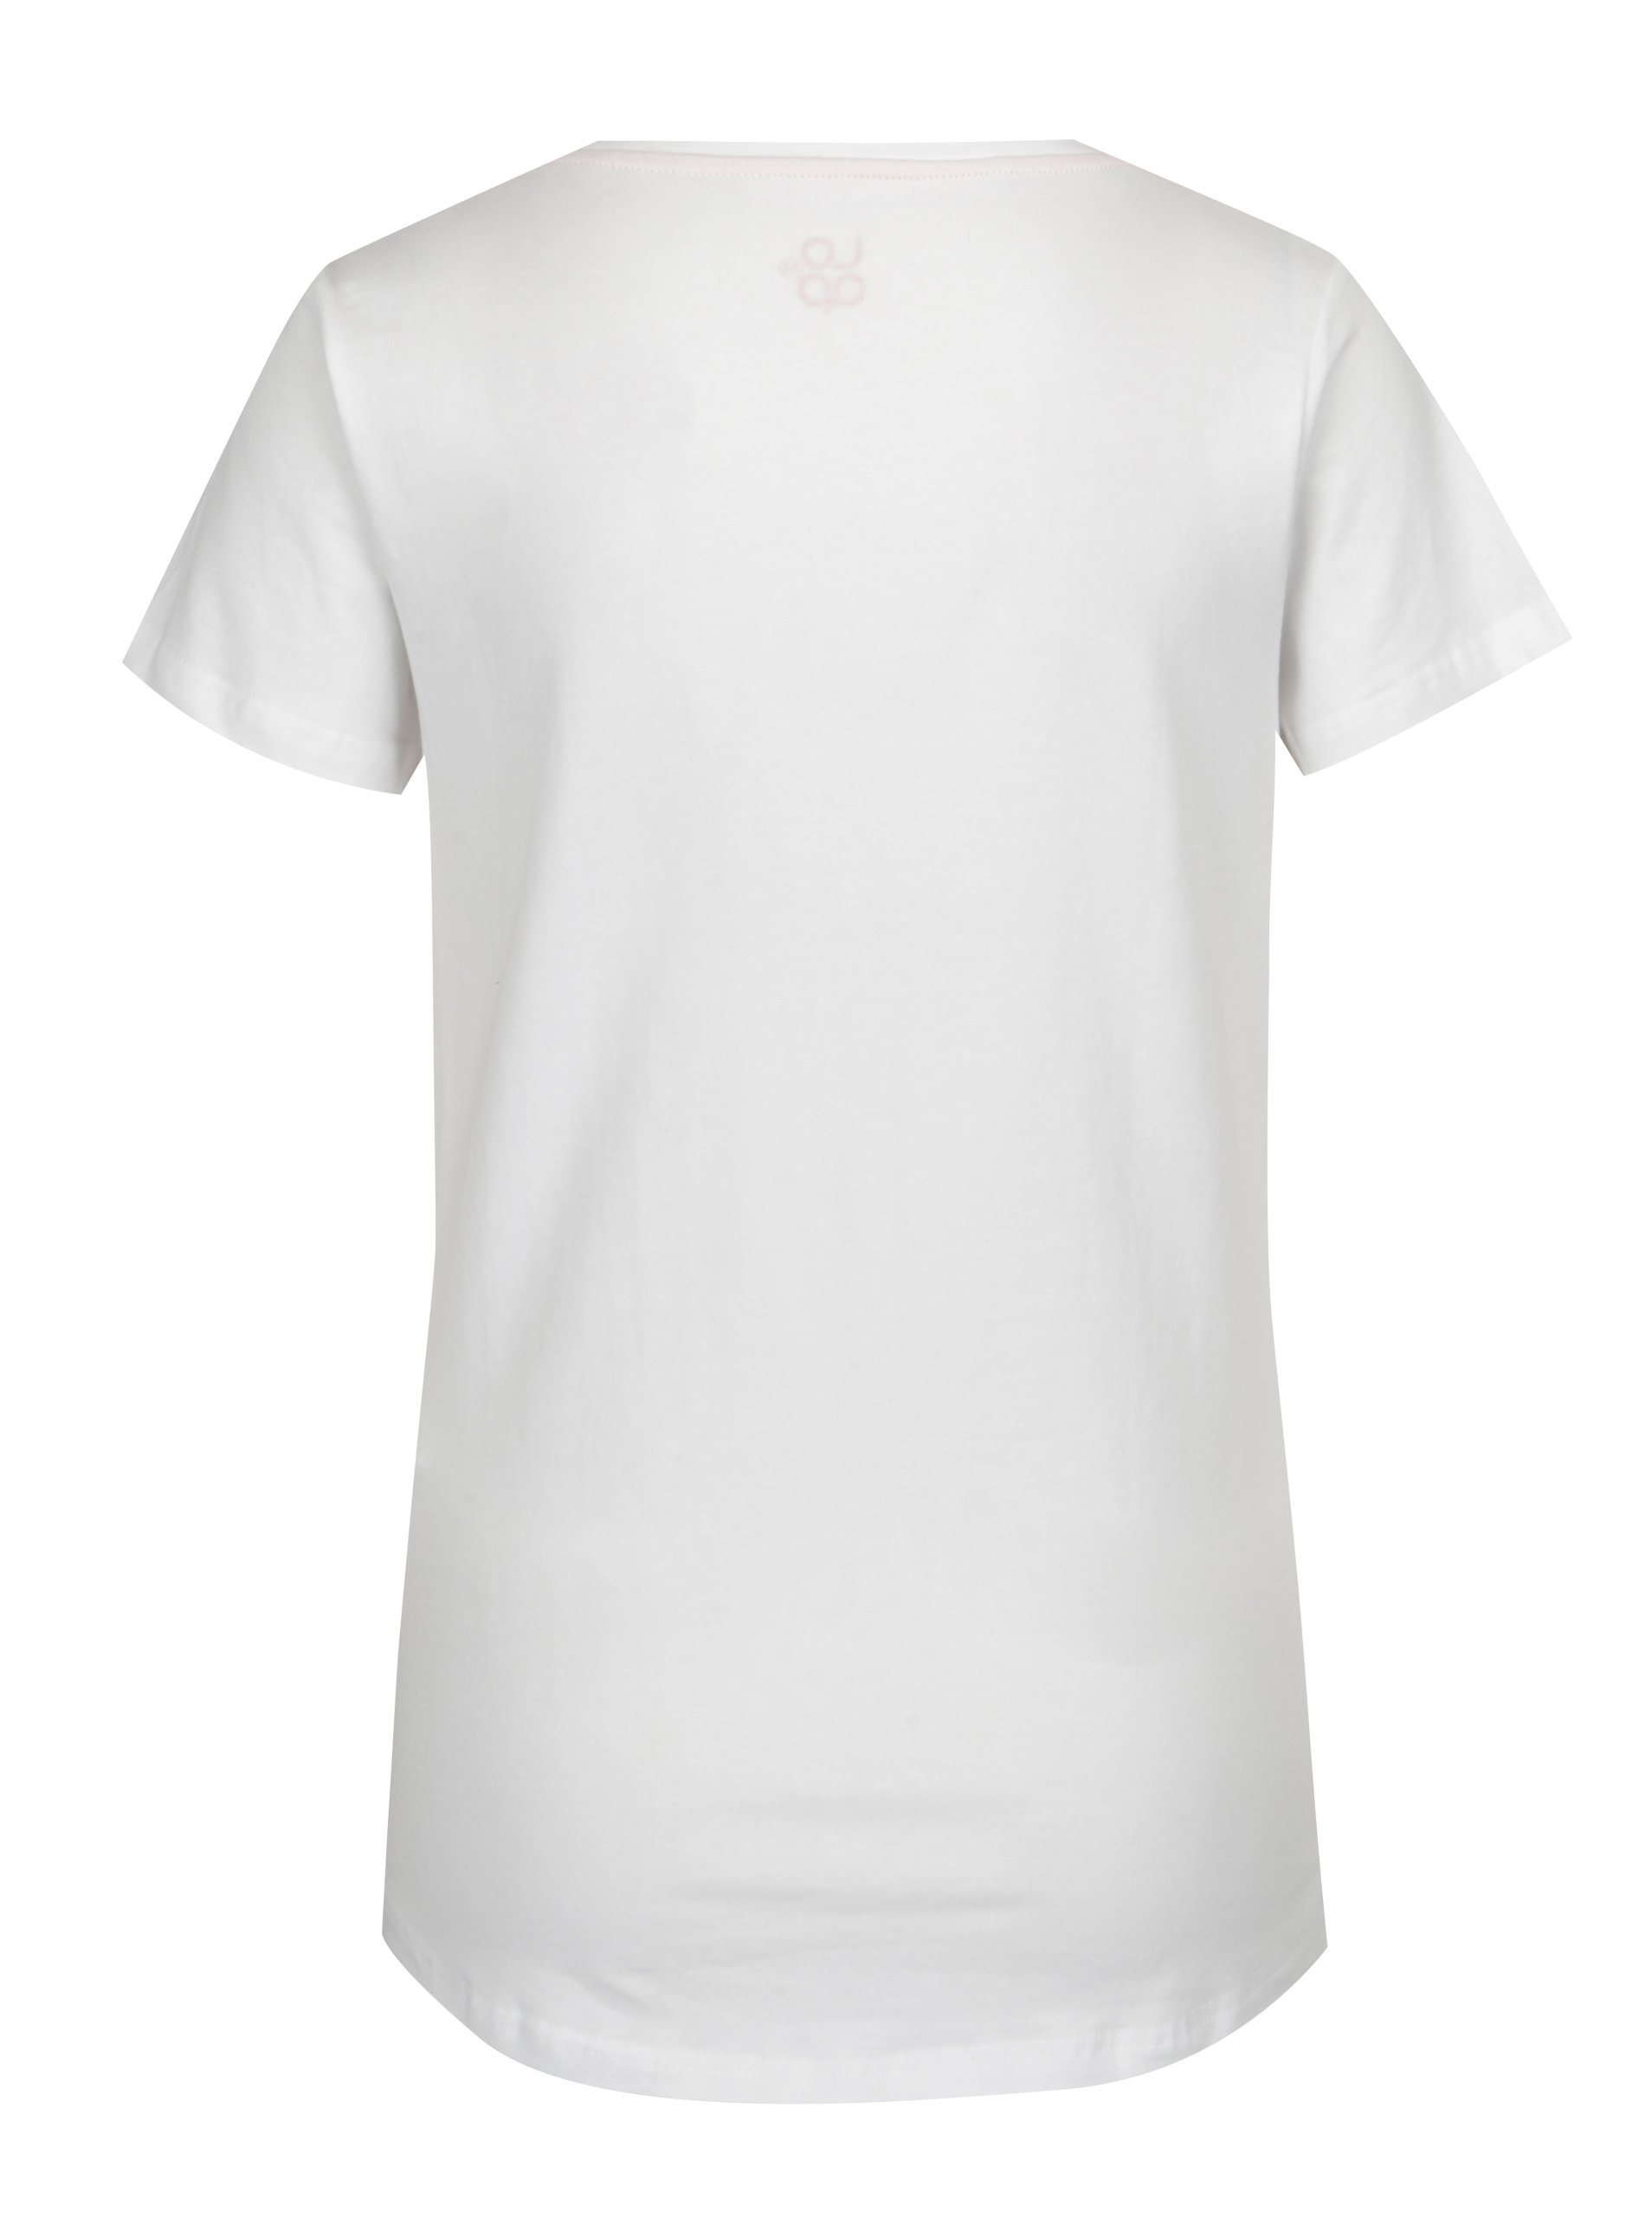 6e016f6c0803 Biele dámske tričko s krátkym rukávom LOAP Blair ...